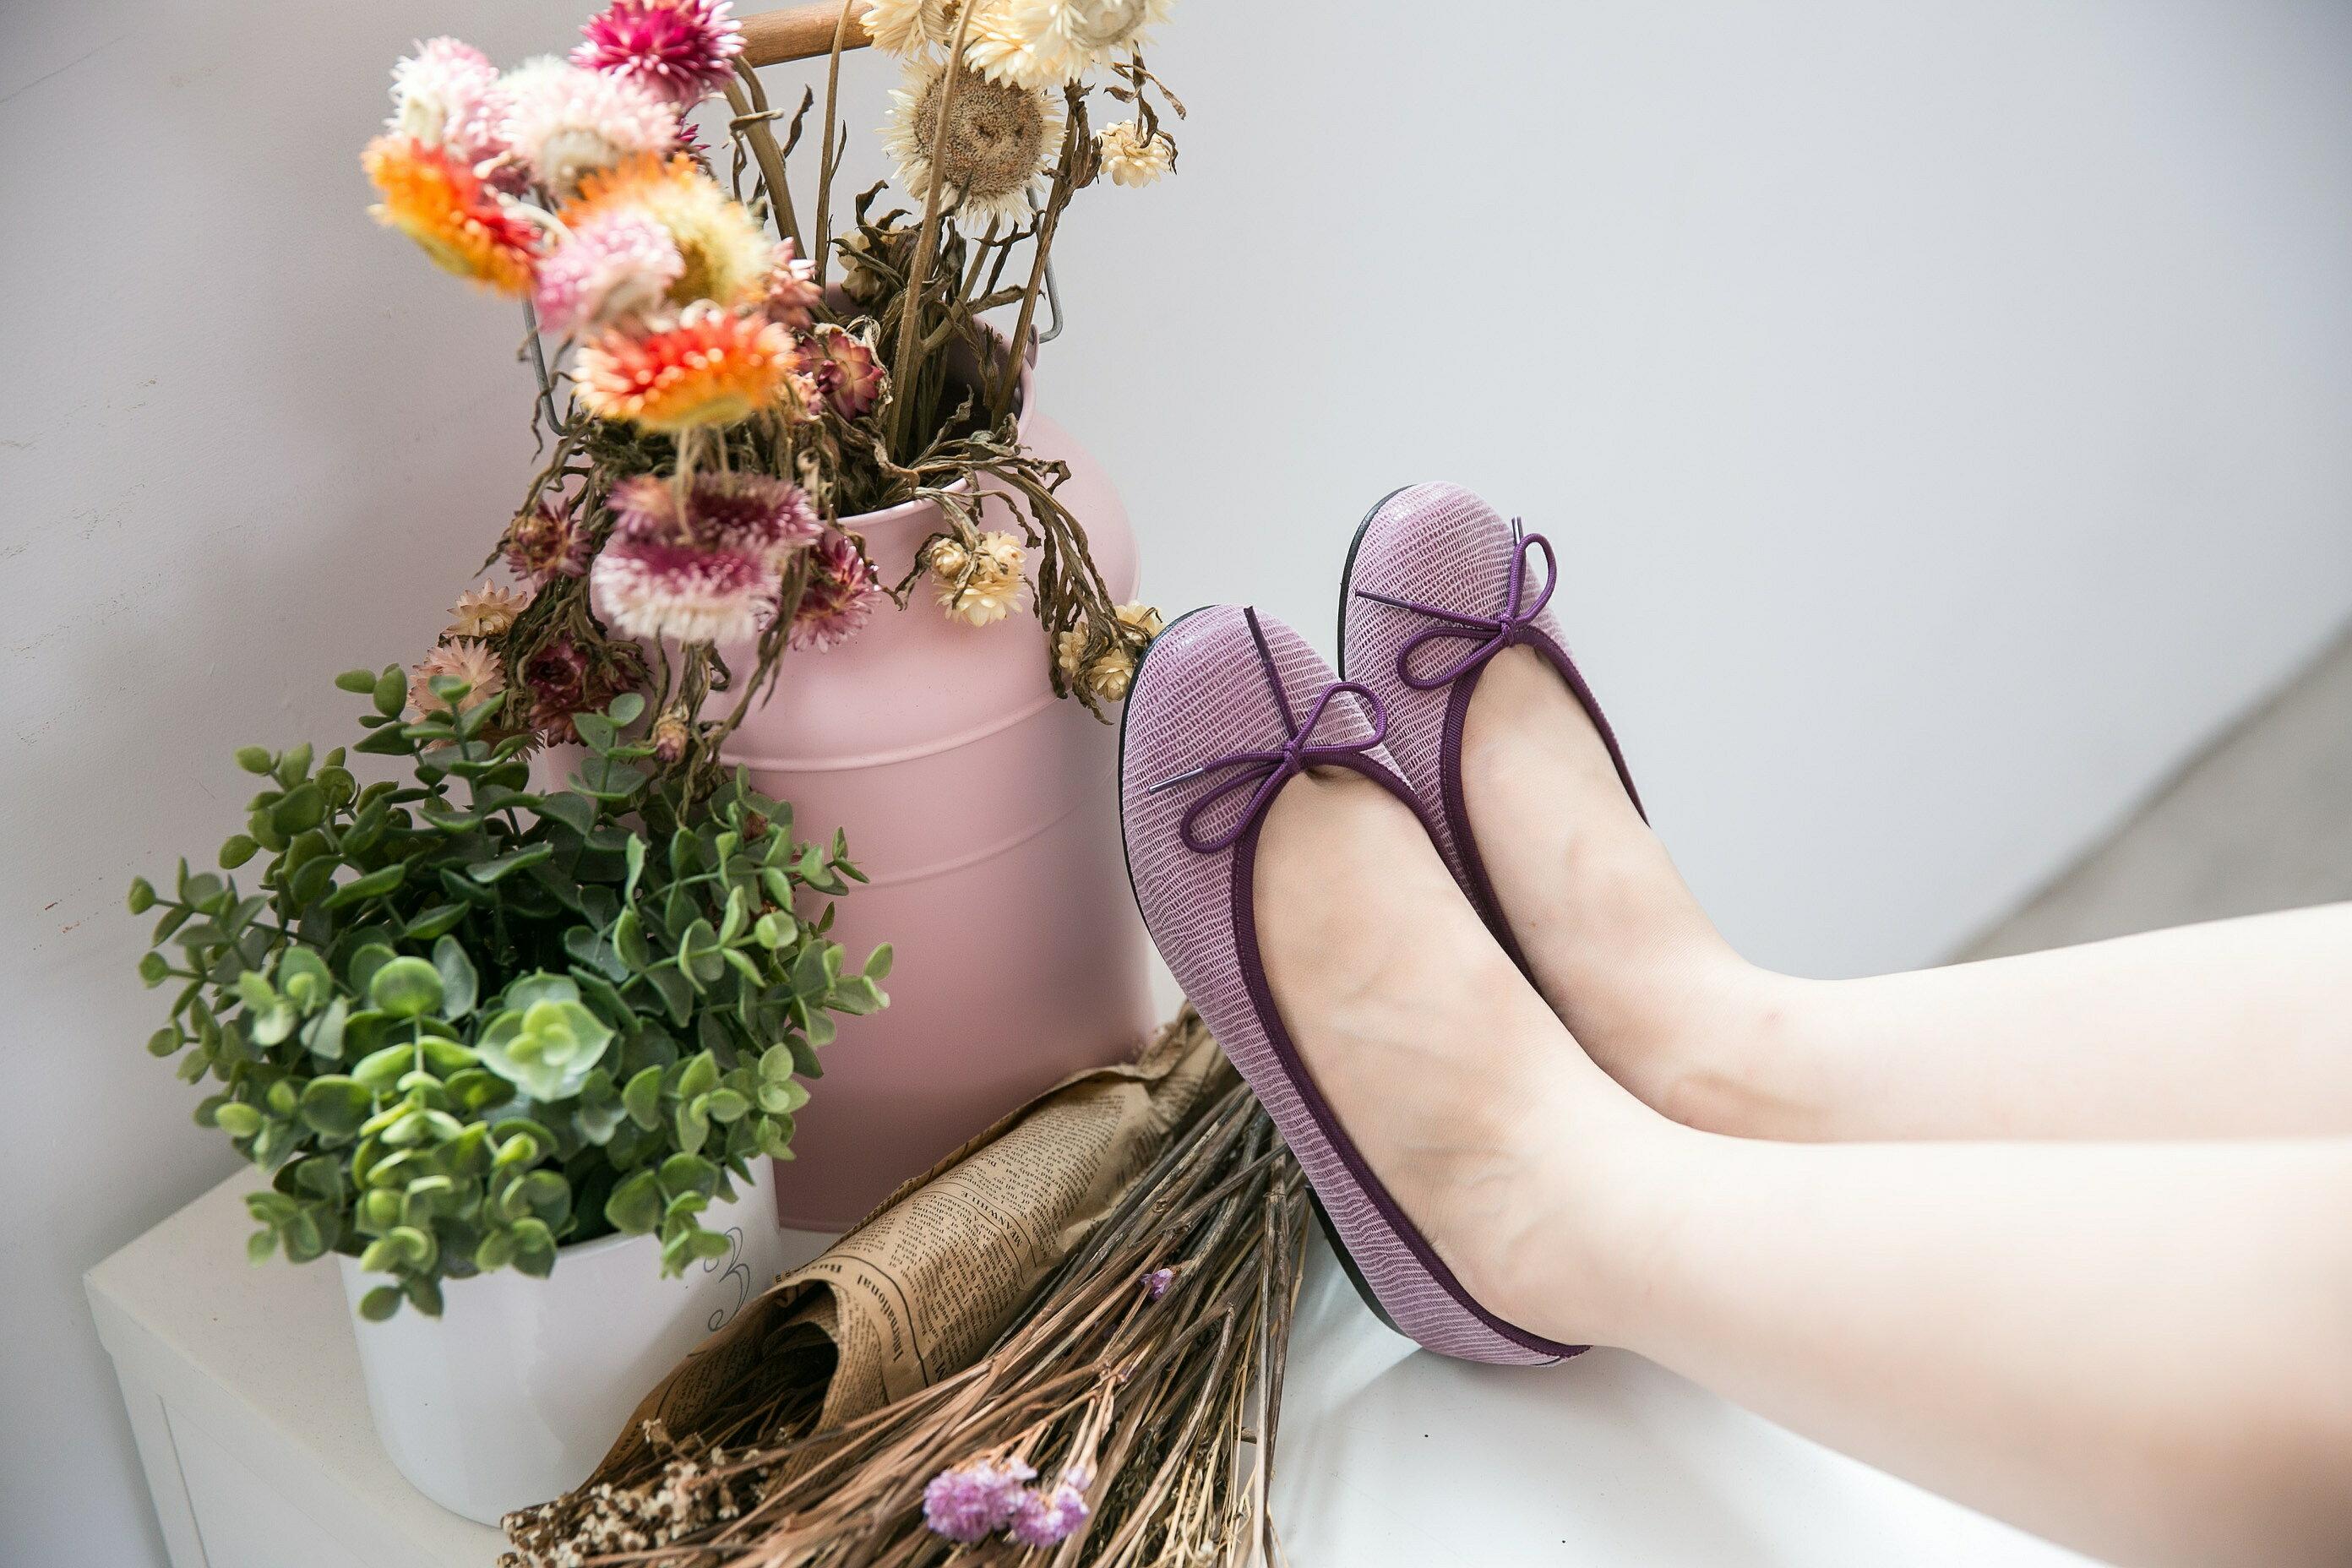 Aimez La Vie 經典芭蕾舞真皮平底娃娃鞋-動物蜥蜴紋系列(共三色) 2